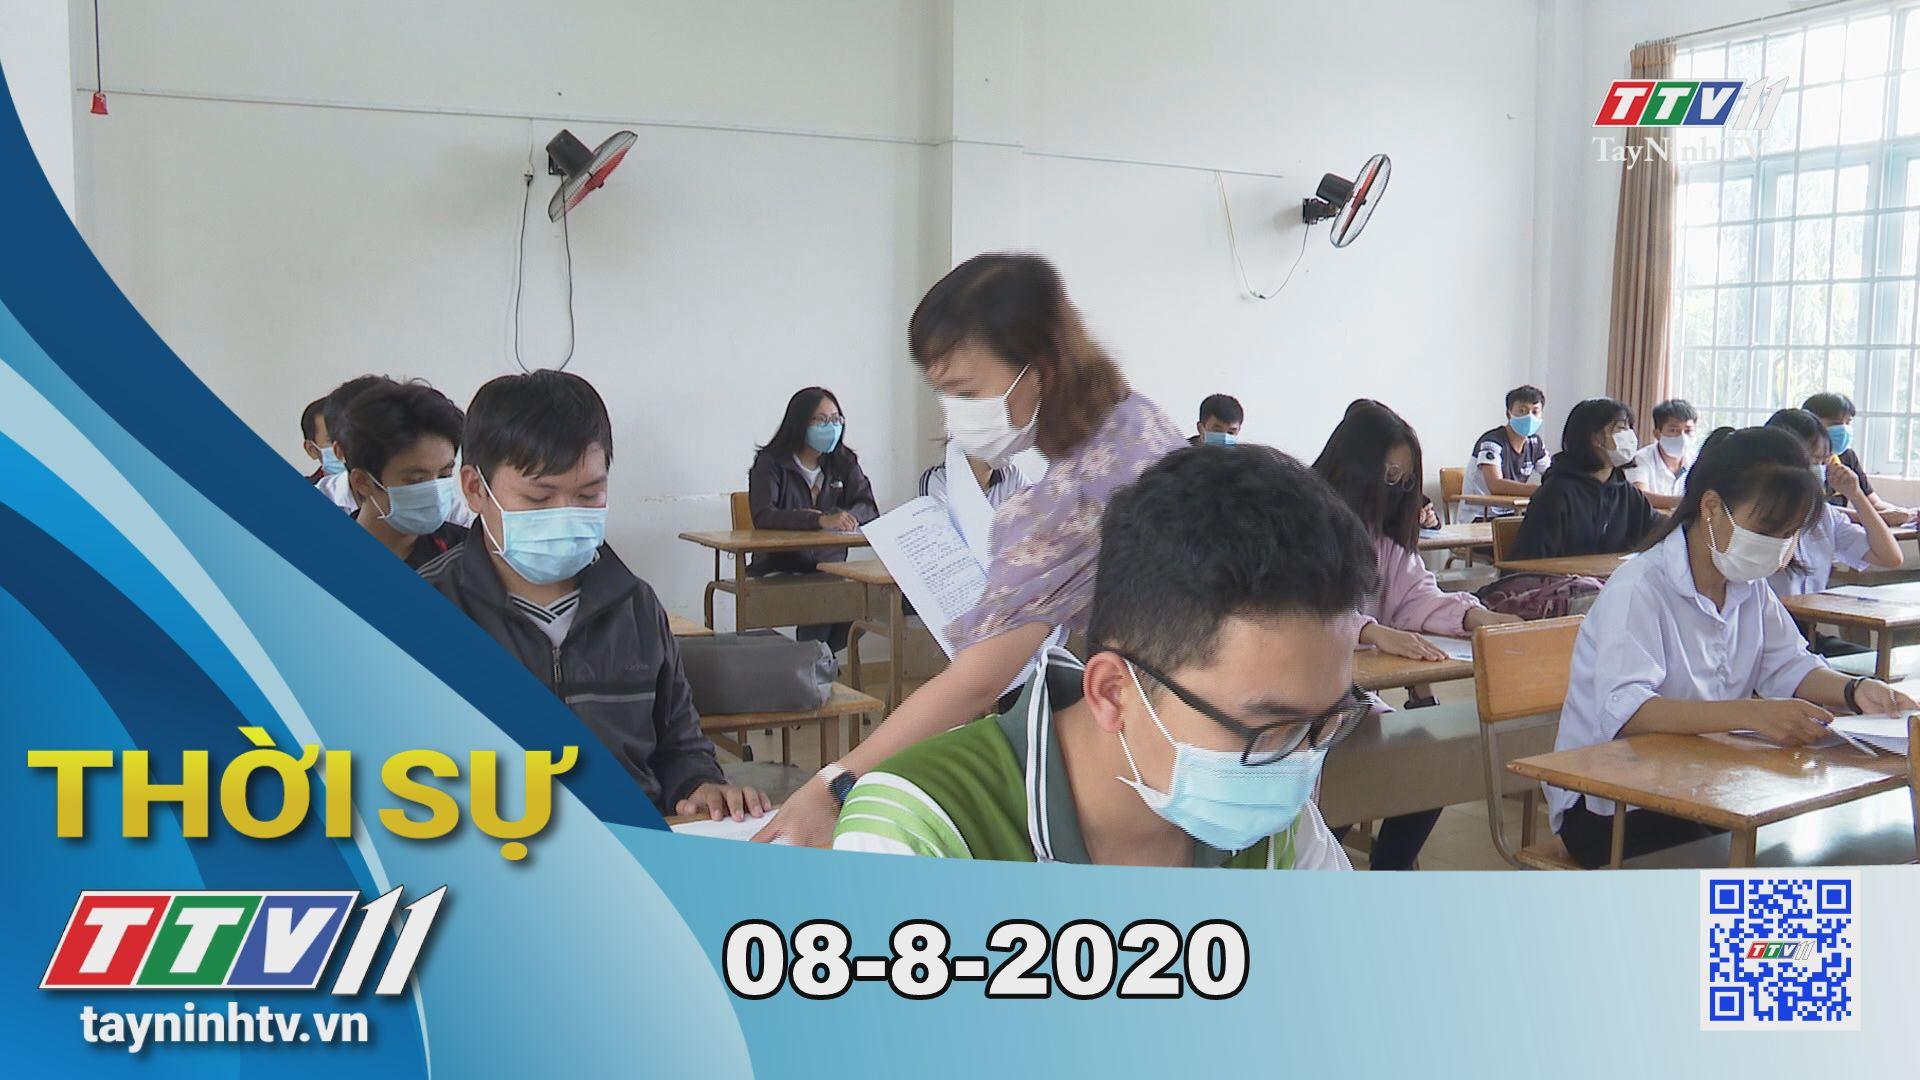 Thời sự Tây Ninh 08-8-2020 | Tin tức hôm nay | TayNinhTV